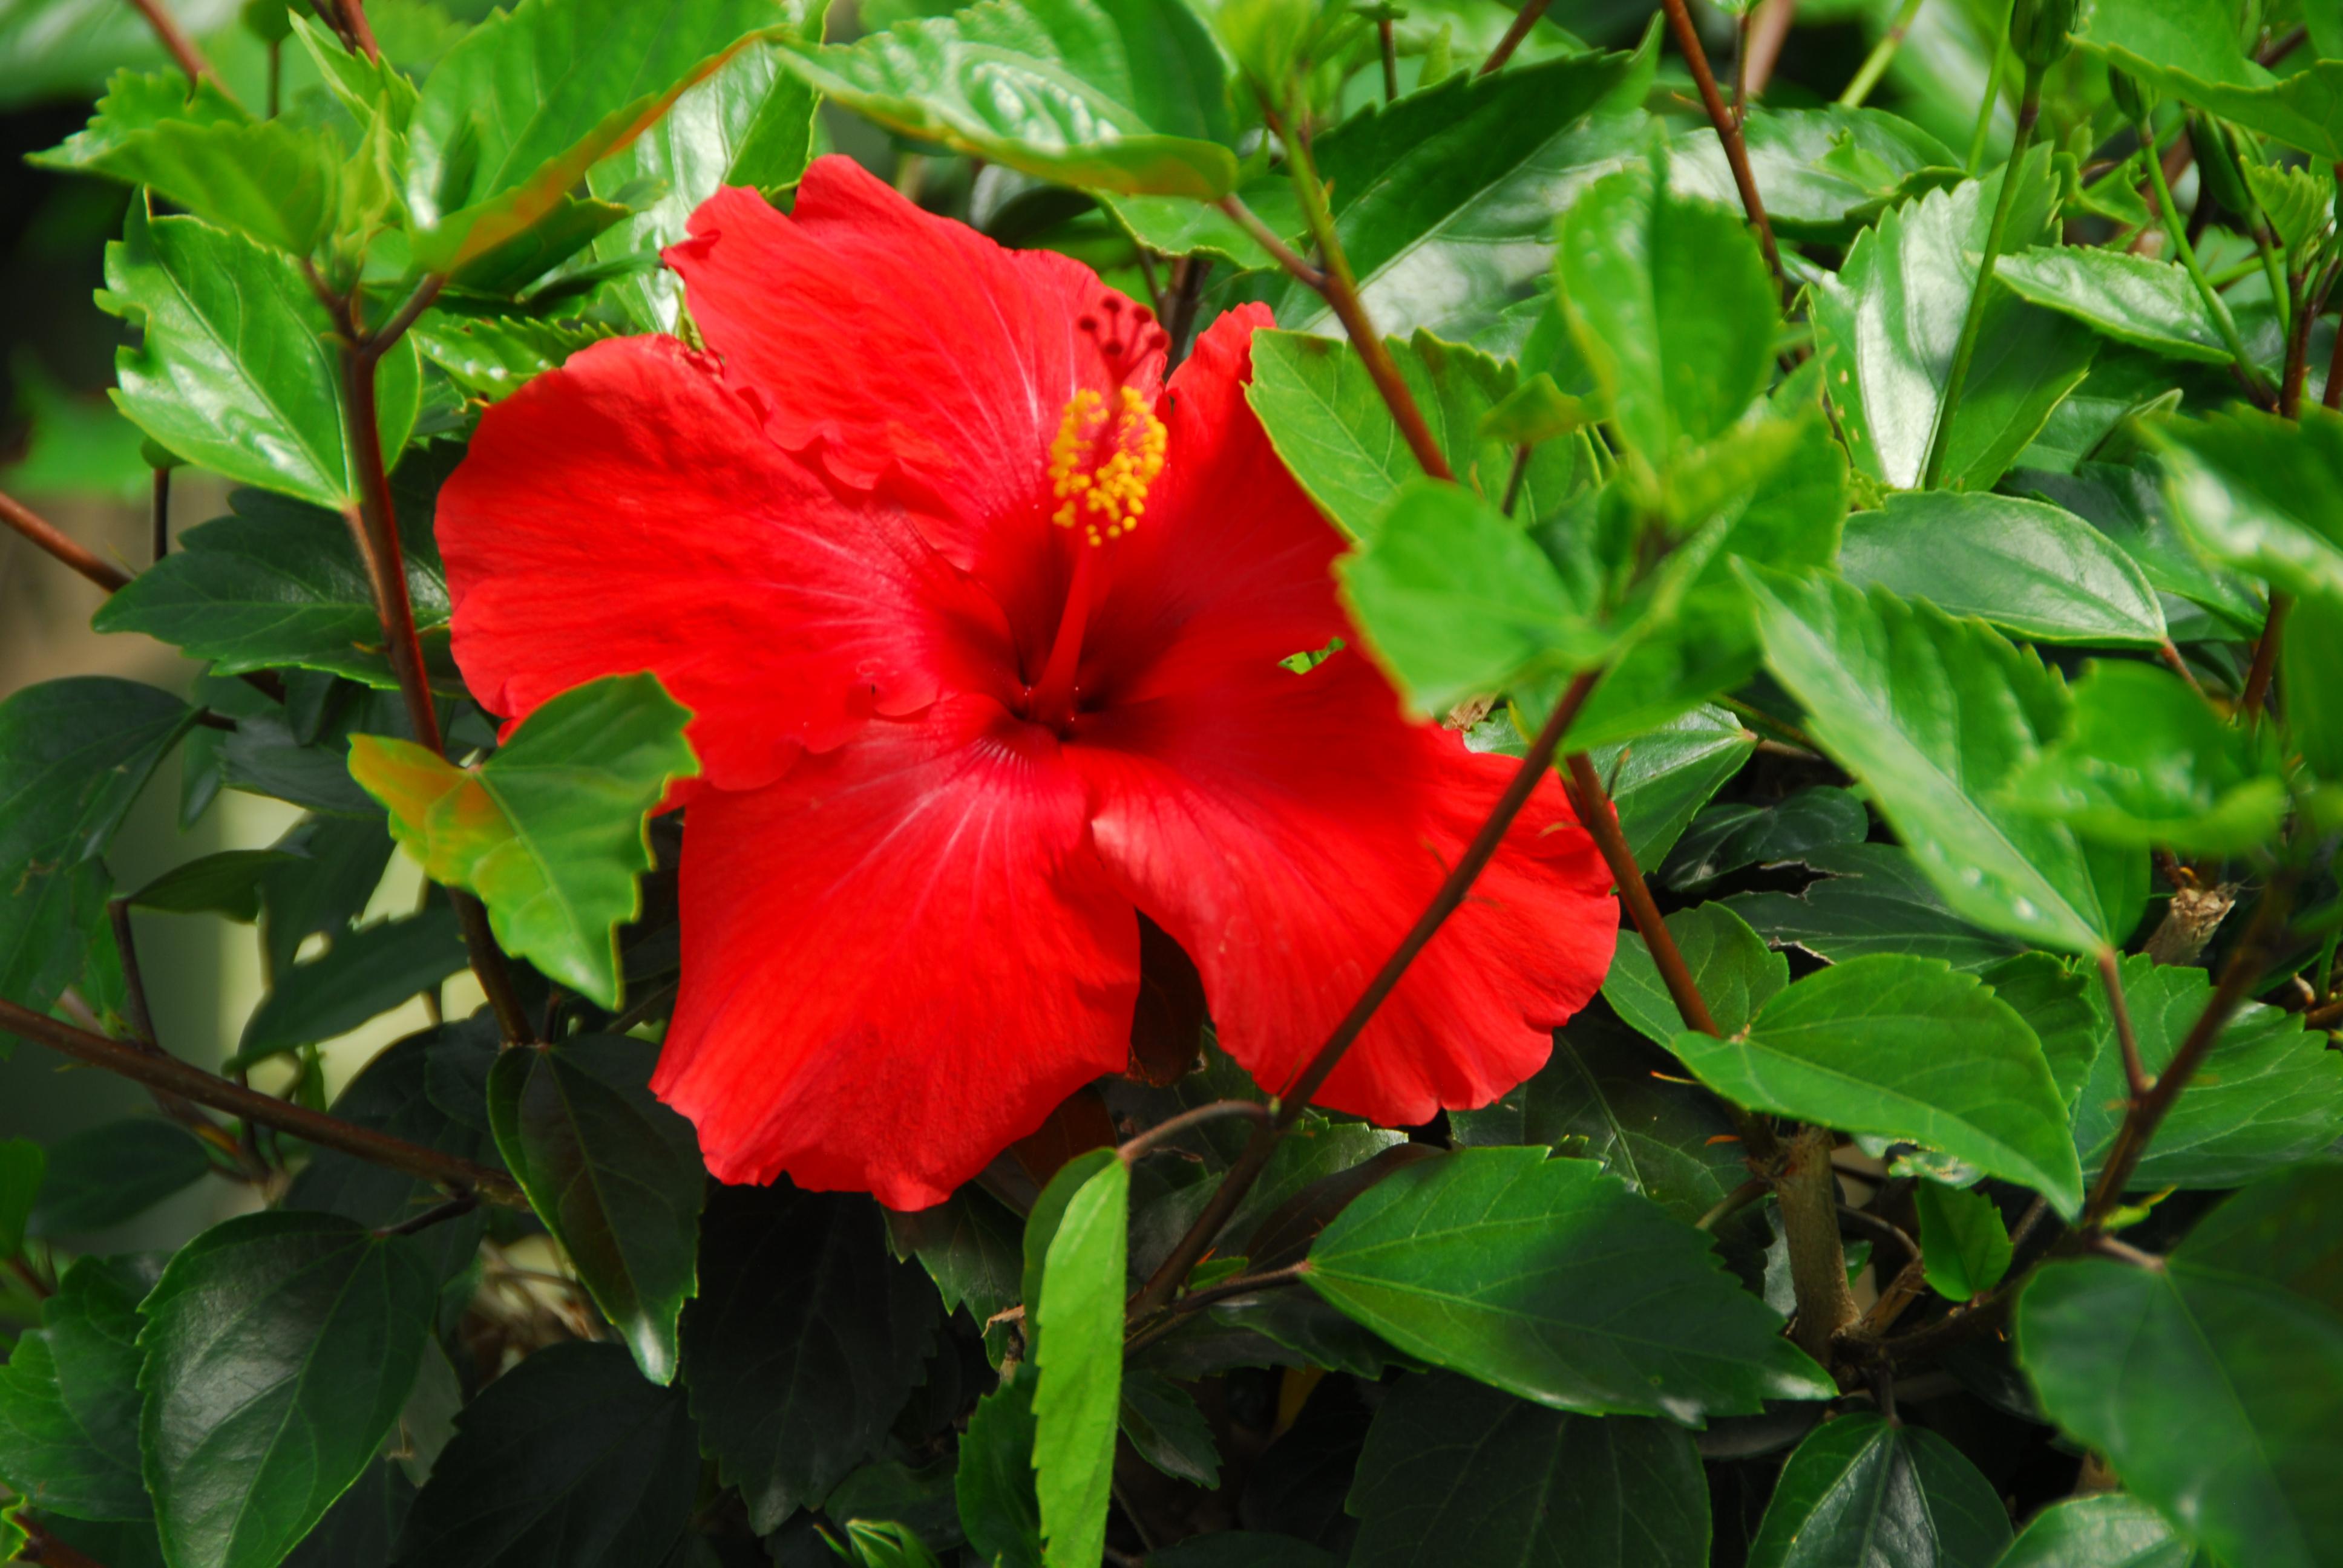 Brilliant Hibiscus - Monrovia - Brilliant Hibiscus